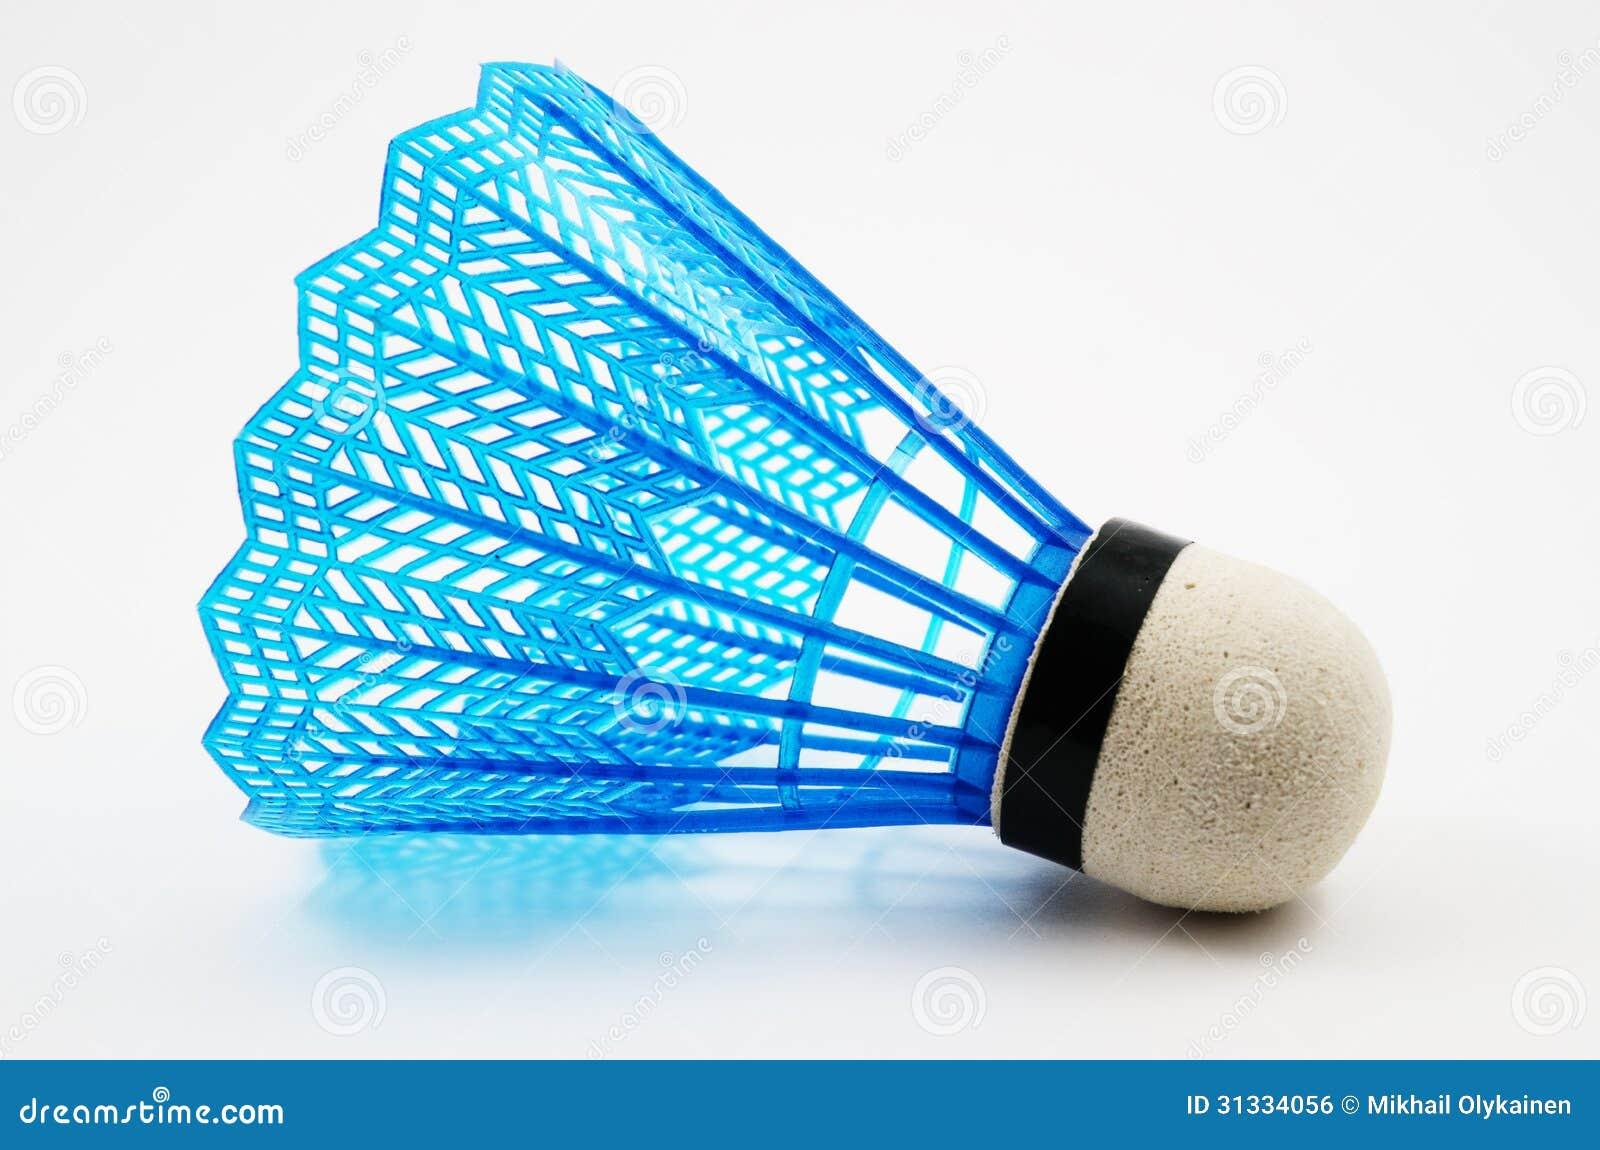 blue-badminton-shuttlecock-white-backgro